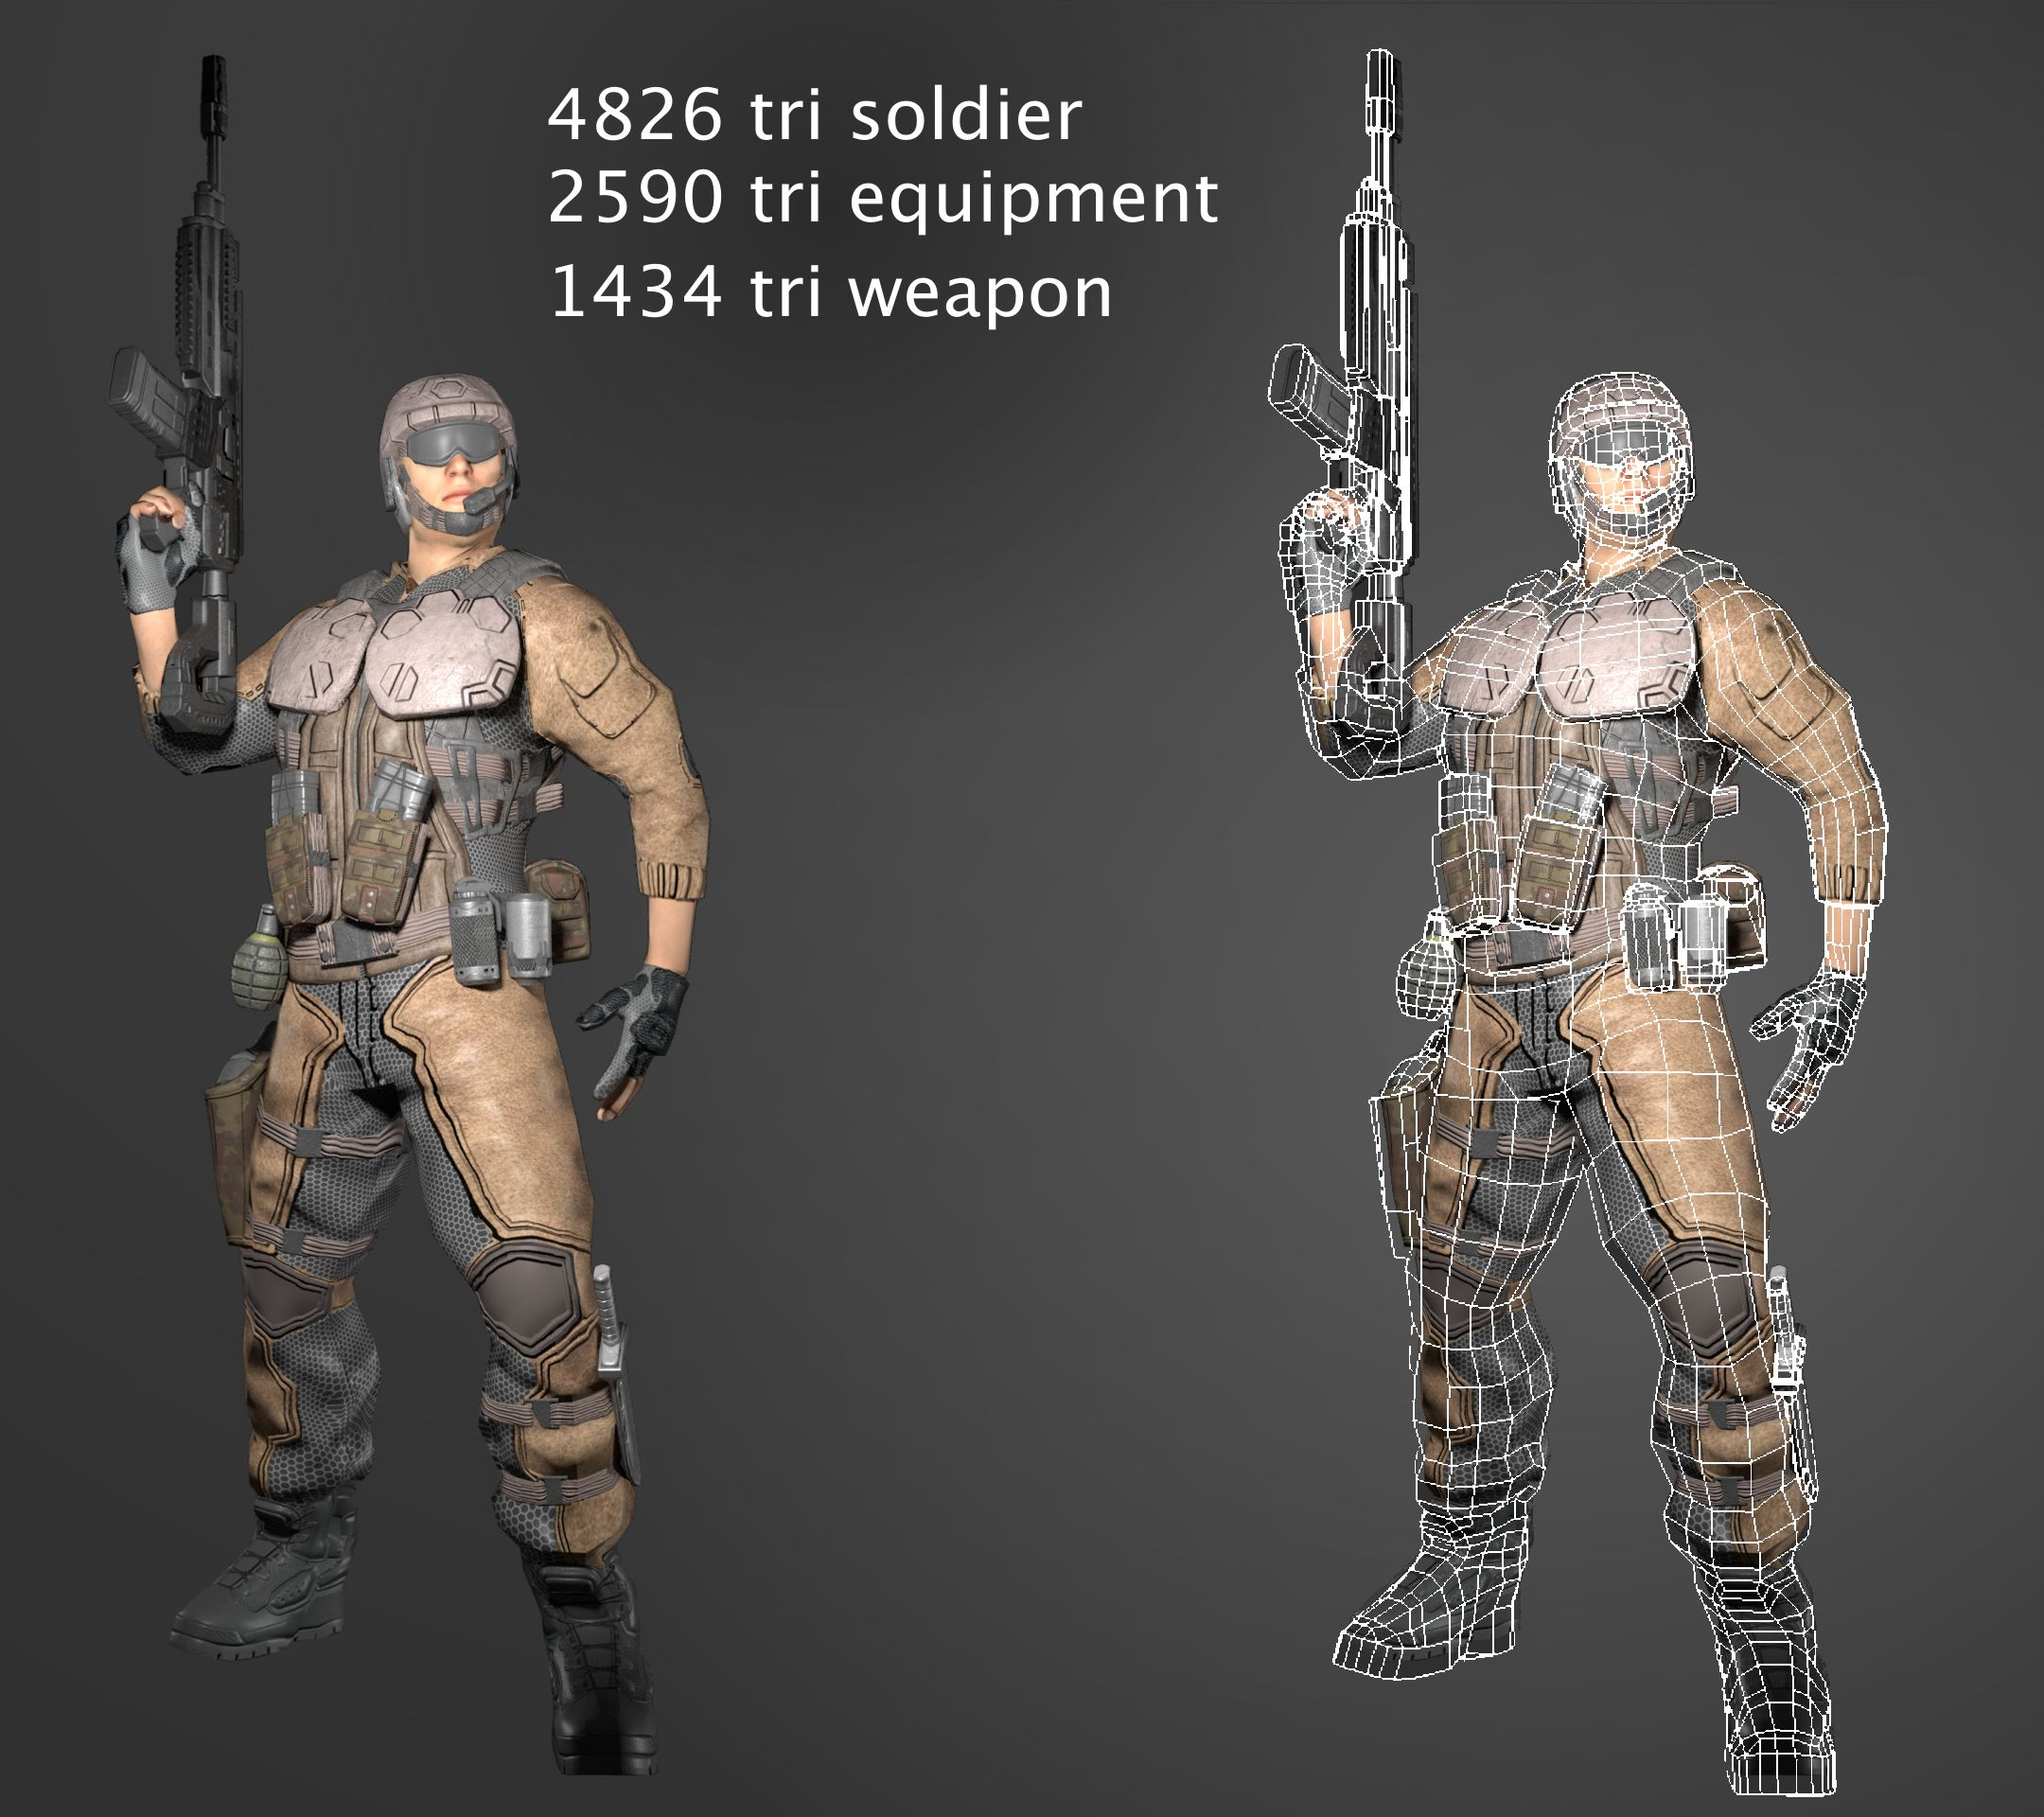 FPS game assets